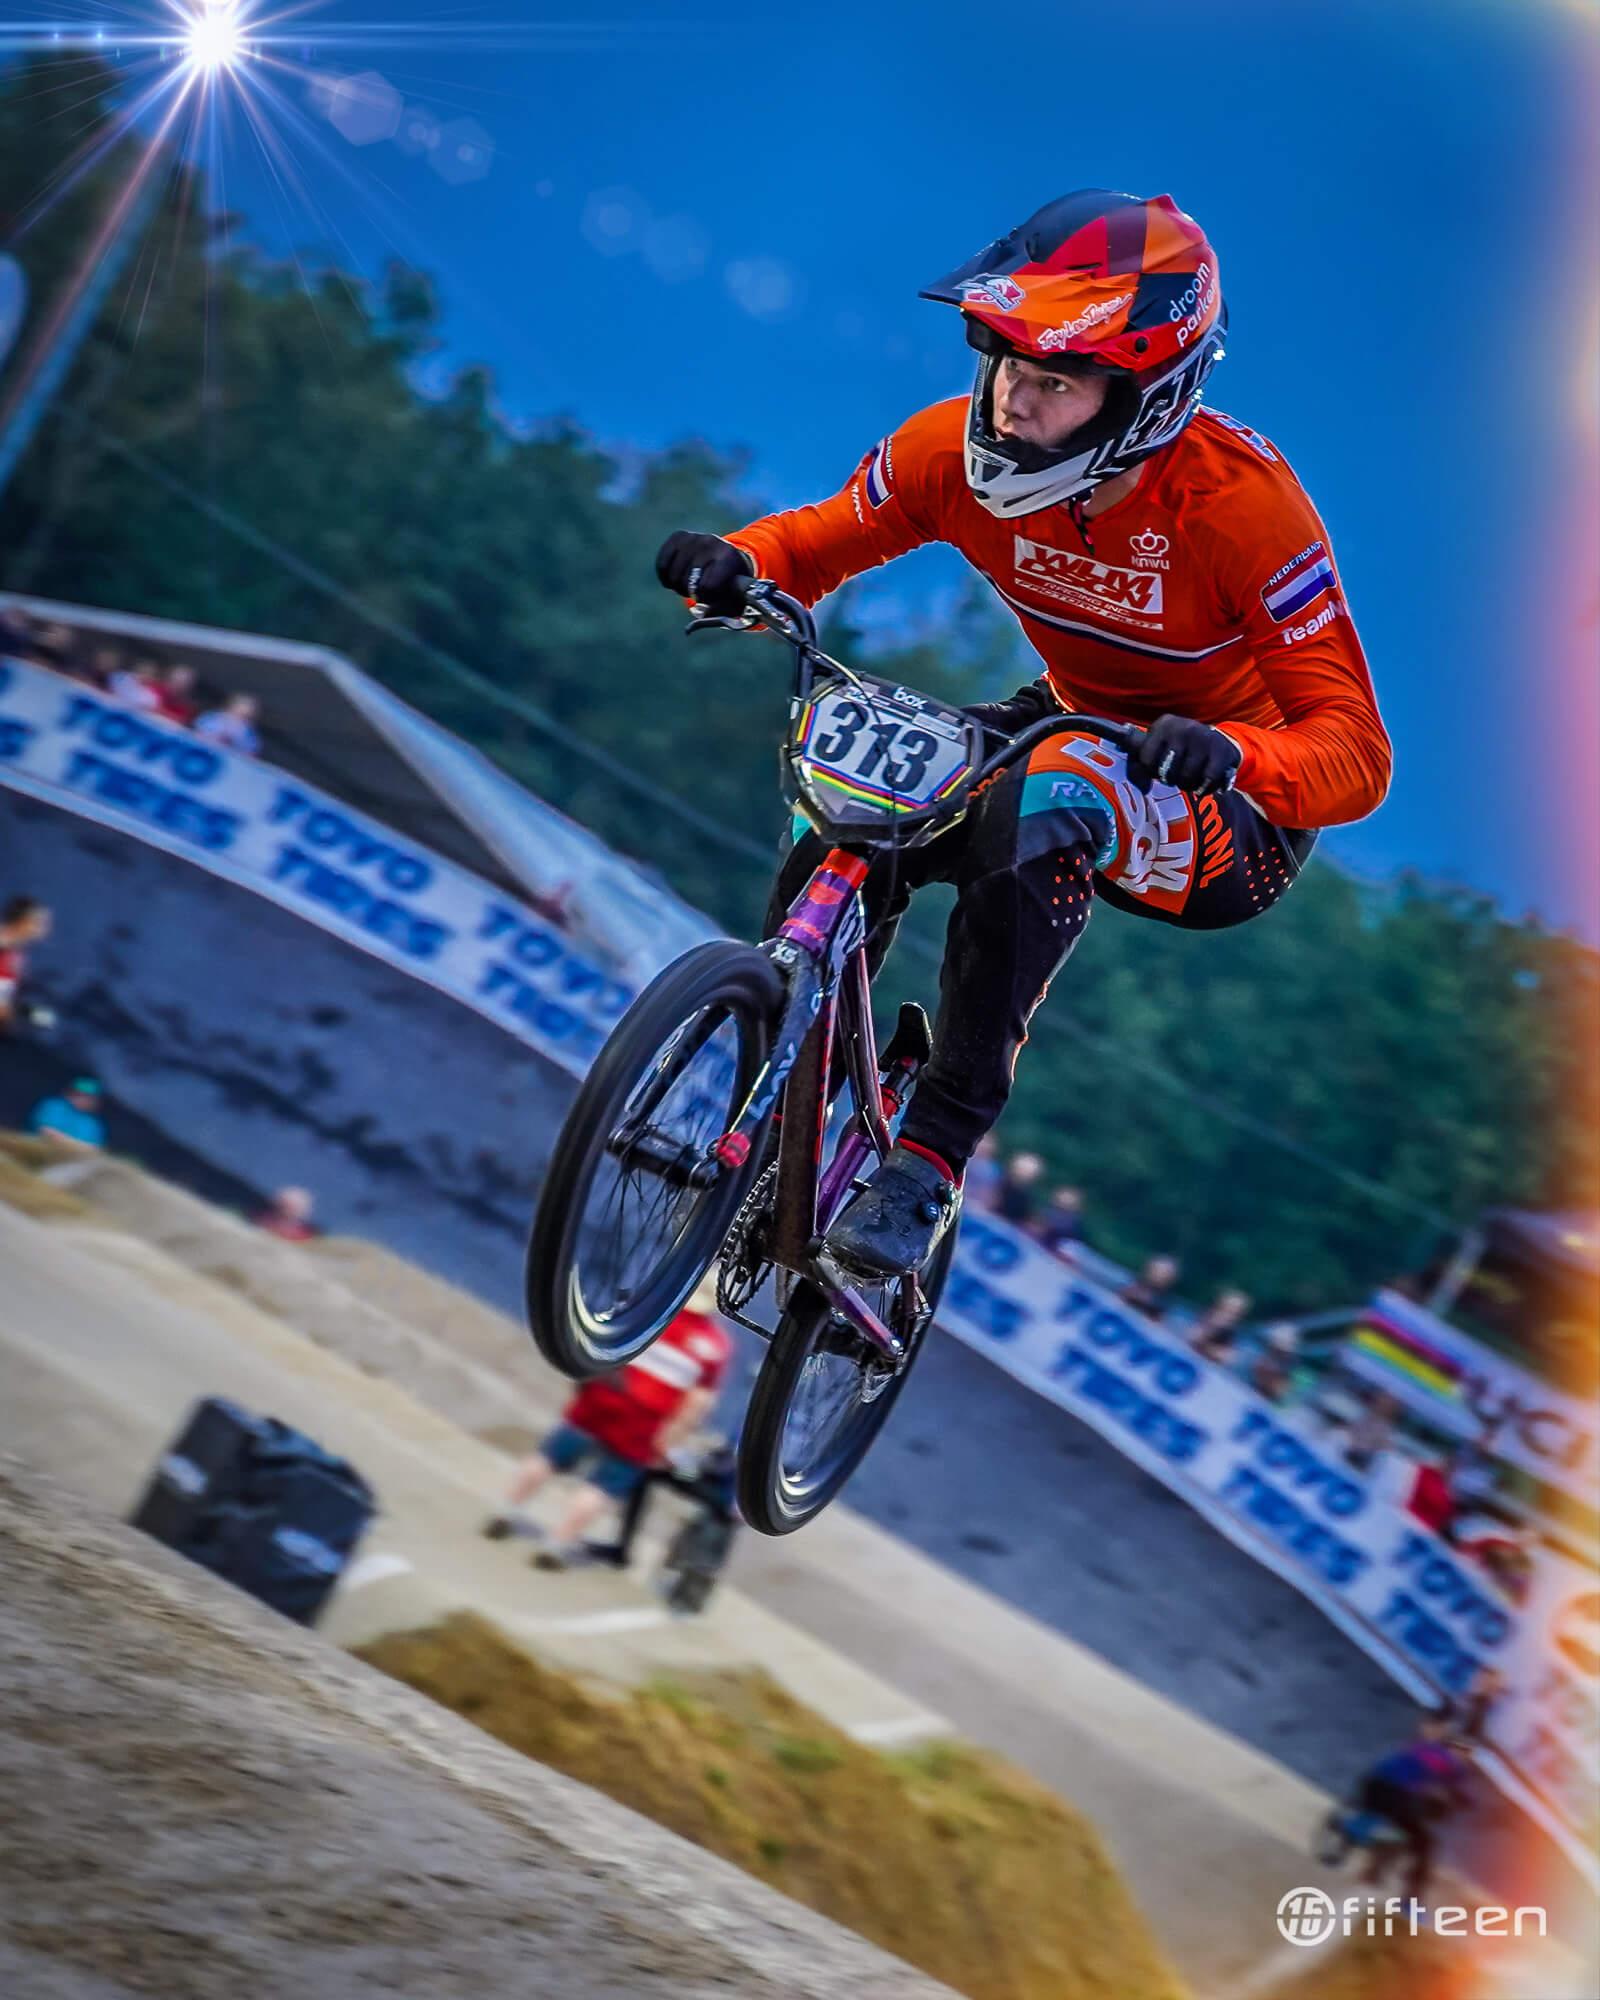 Niek Kimmann 2019 UCI Worlds - Fifteen BMX